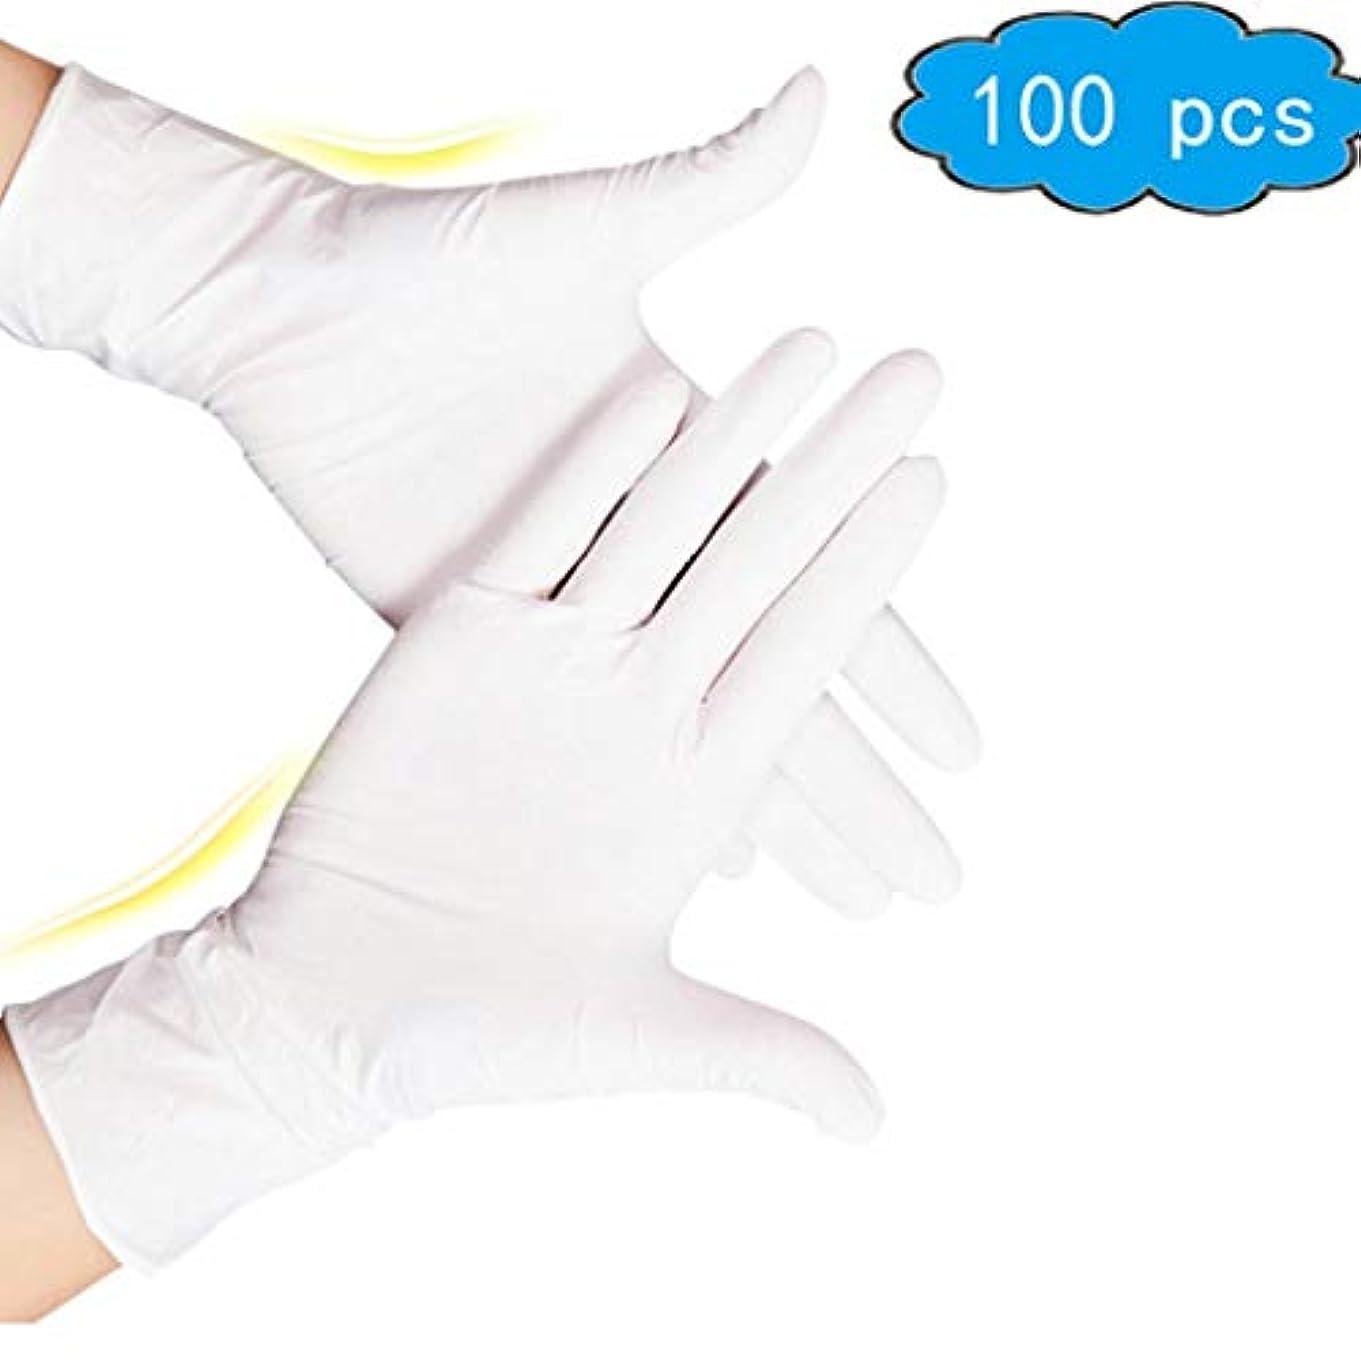 焦げ太鼓腹混雑ホワイトニトリル使い捨て手袋 - 質感、検査、パウダーフリー、極厚5ミル、極太12